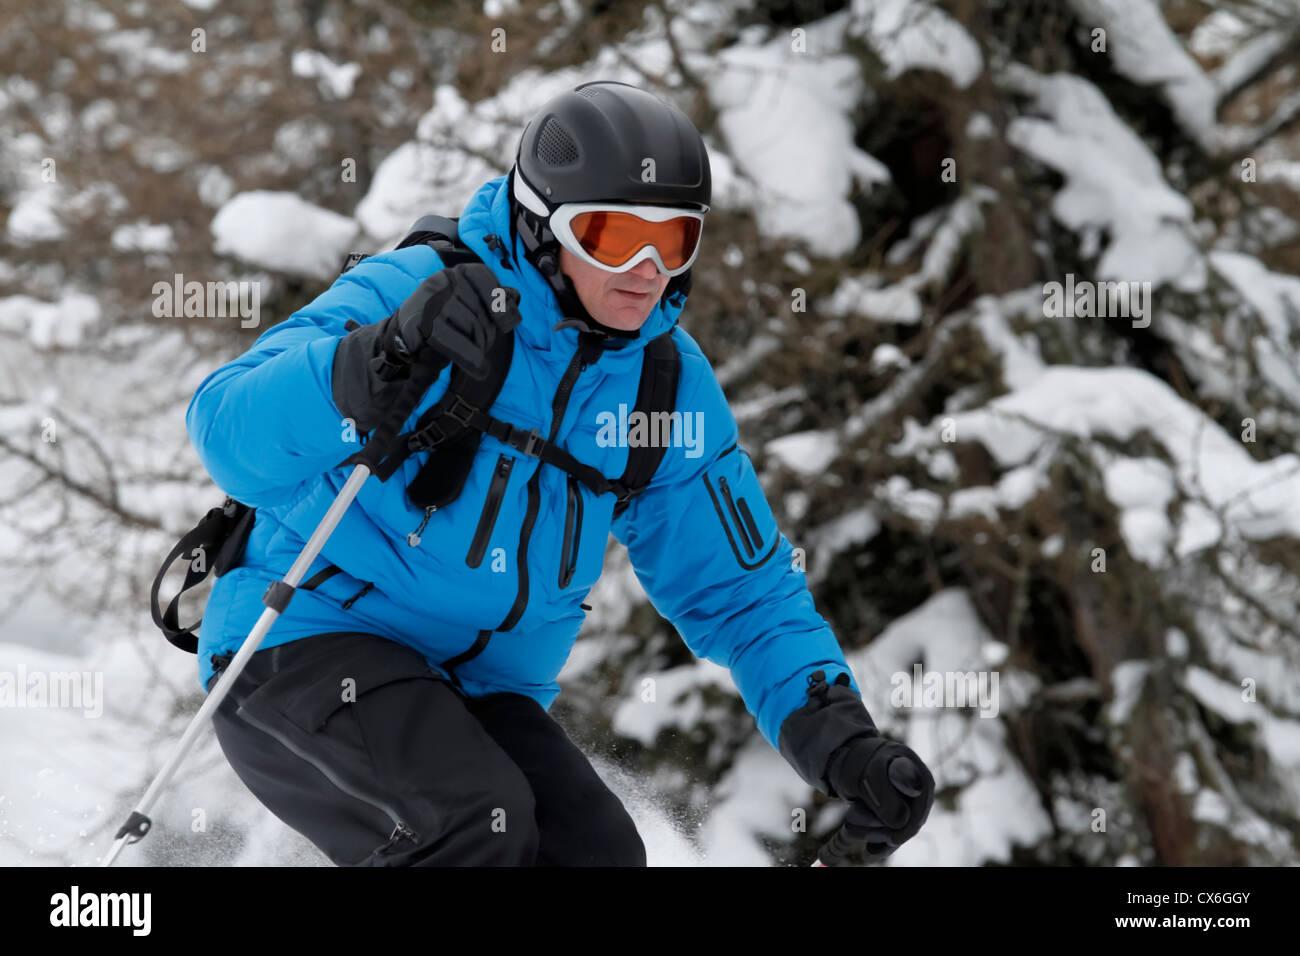 Skier is freeriding between trees - Stock Image